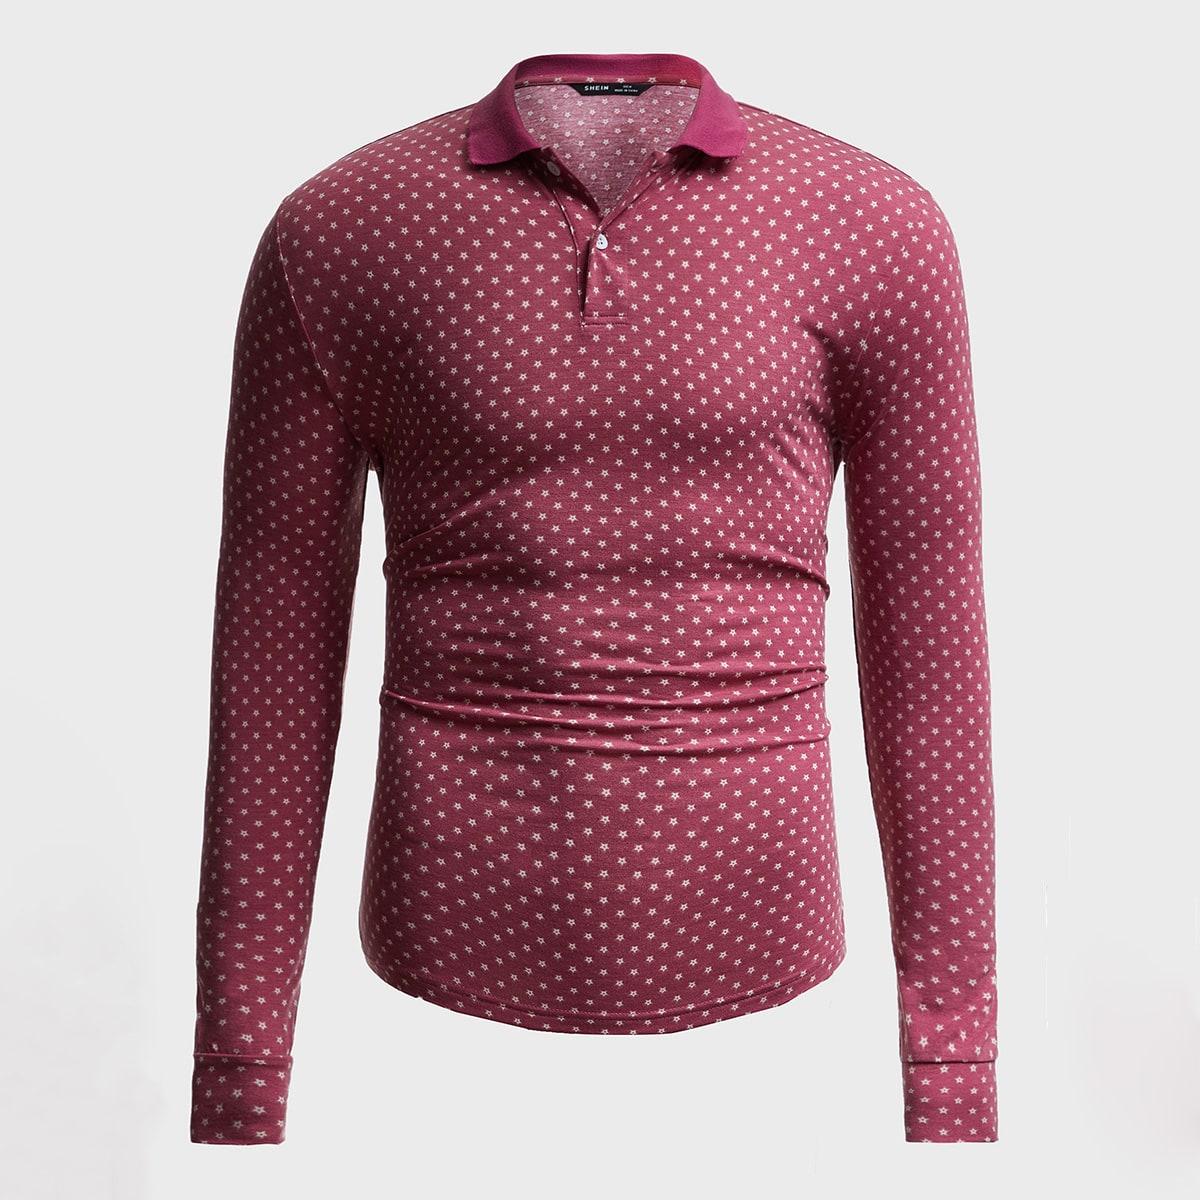 Мужская рубашка-поло с принтом